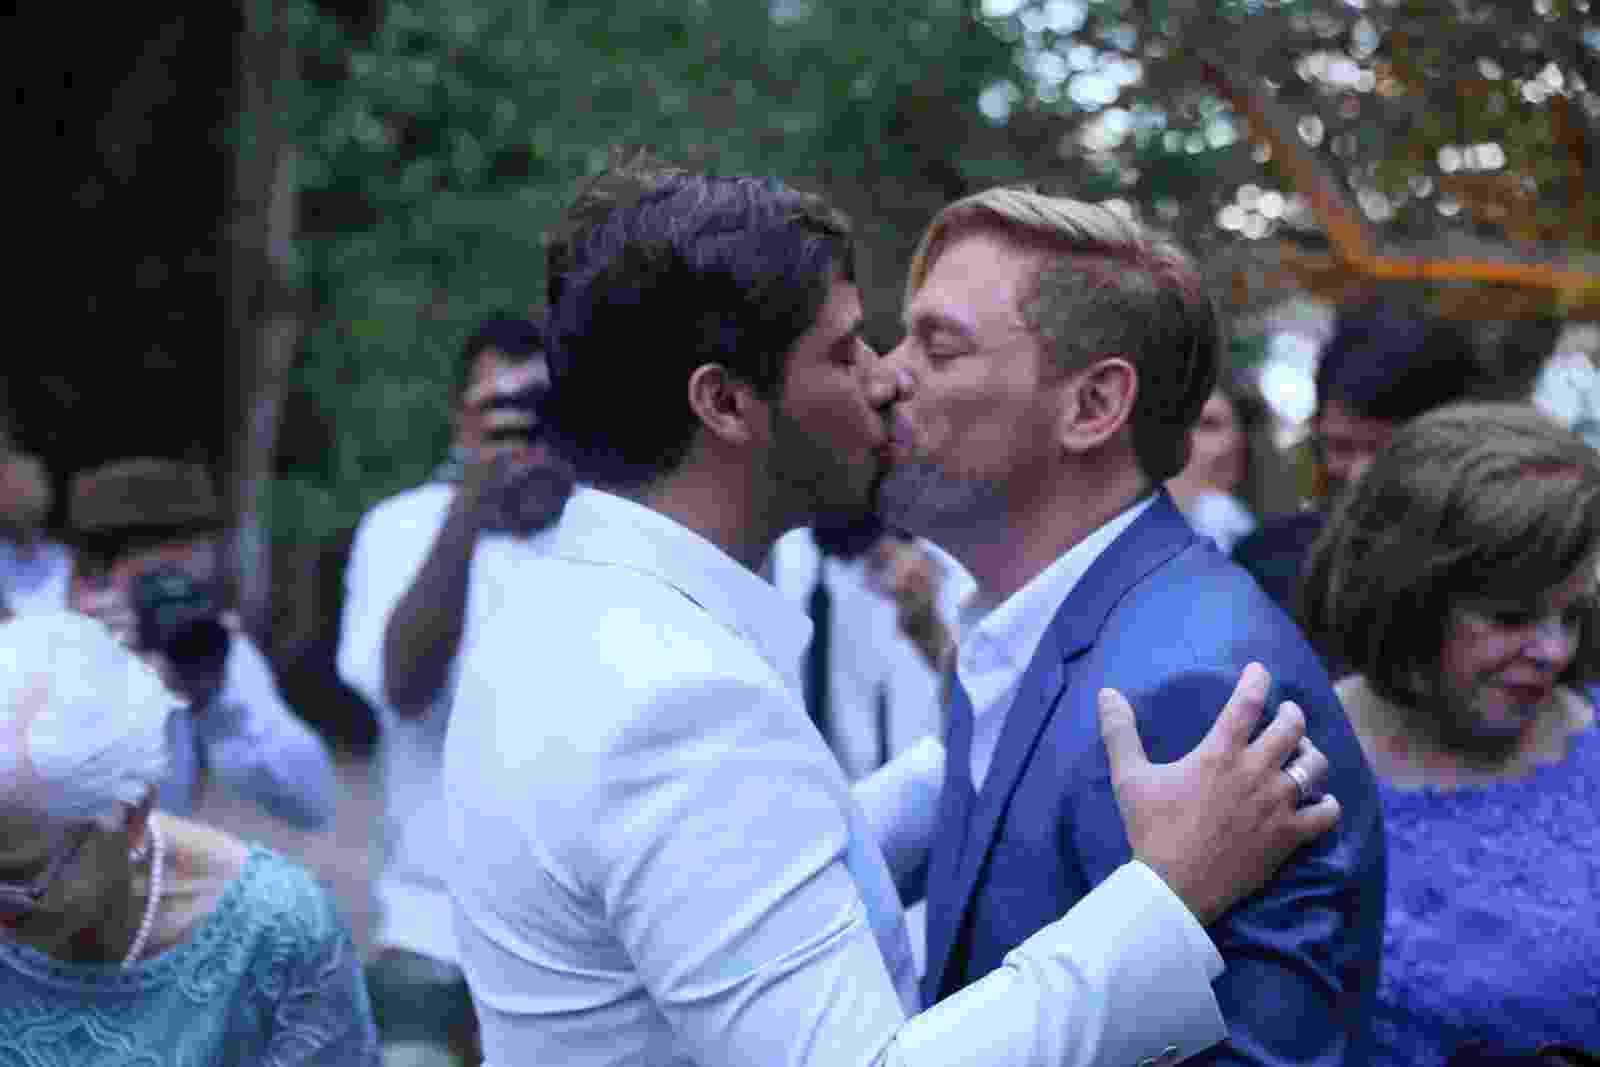 Bruno Chateaubriand e o auditor Diego Bocca se casaram ontem em Búzios - Anderson Borde/Ag.News